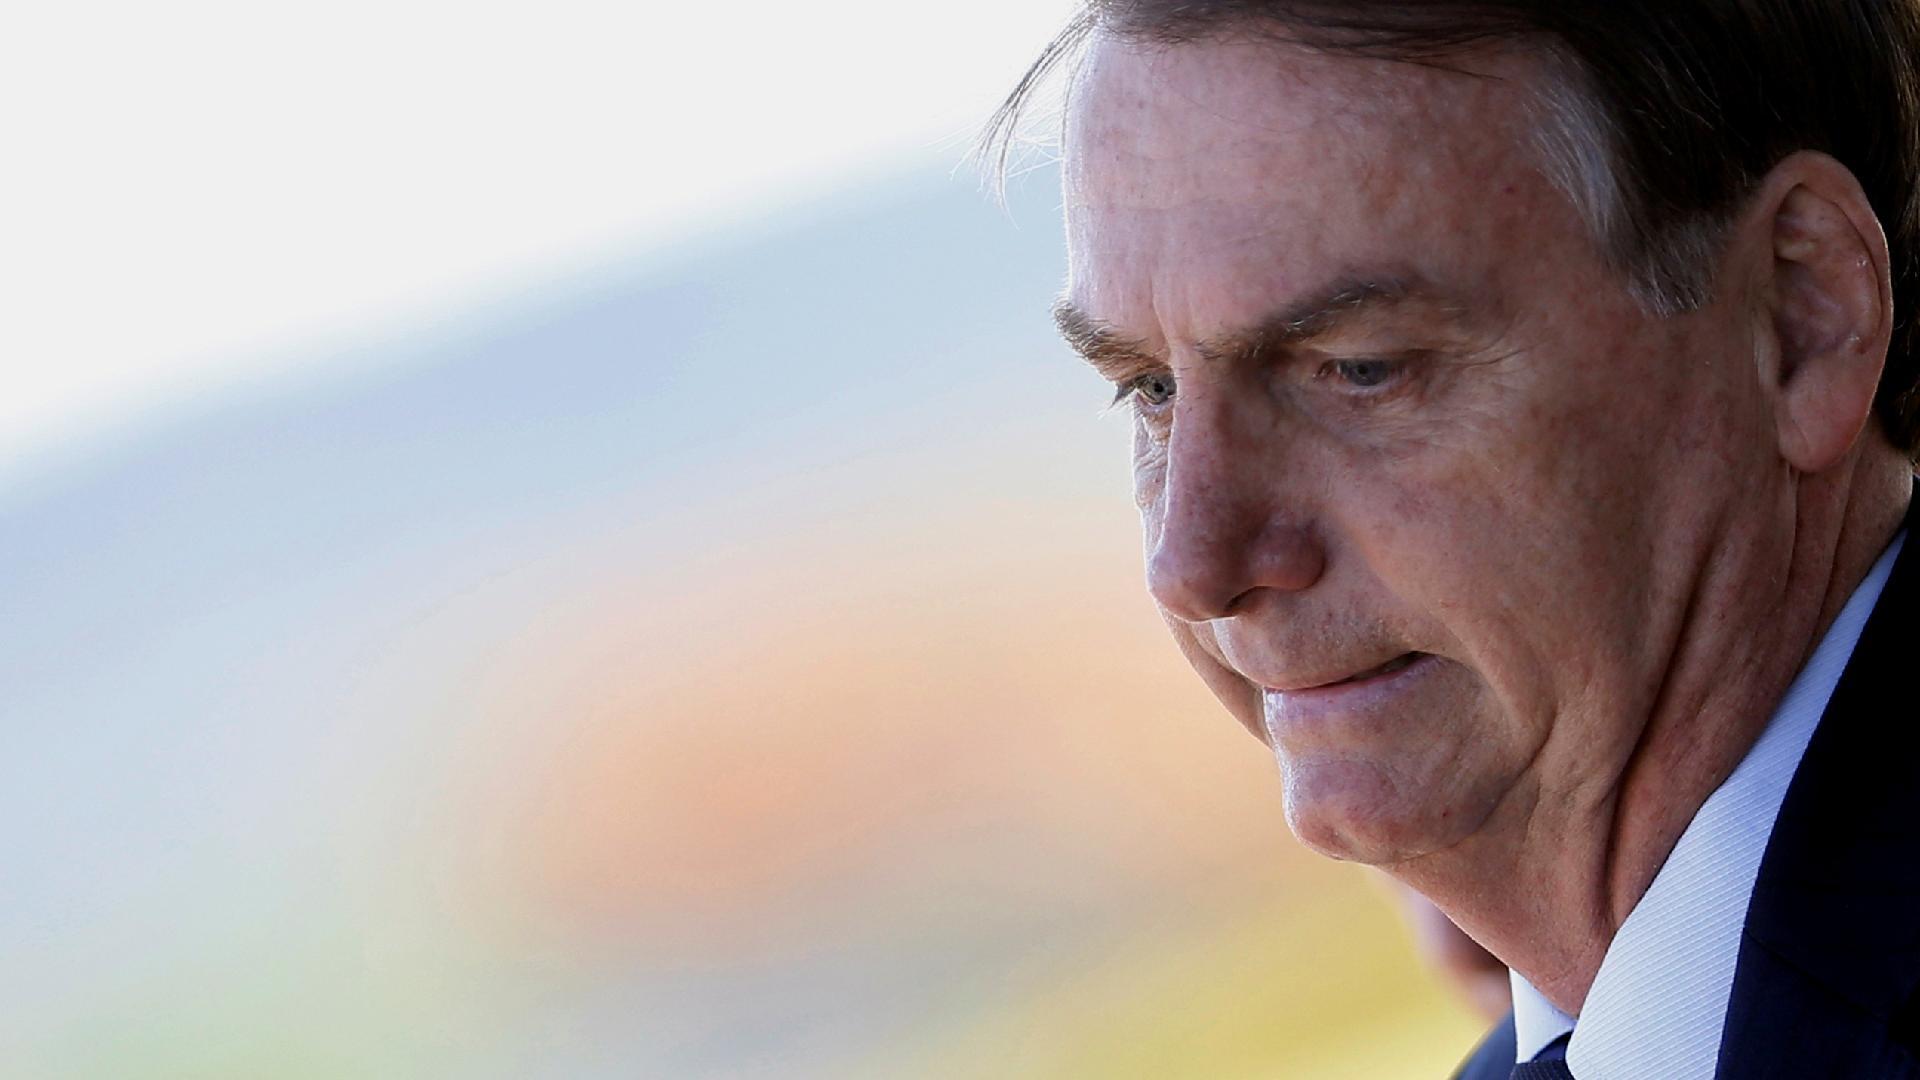 Irritado com perguntas sobre investigação de Flávio, Bolsonaro ataca jornalistas - 20/12/2019 - UOL Economia